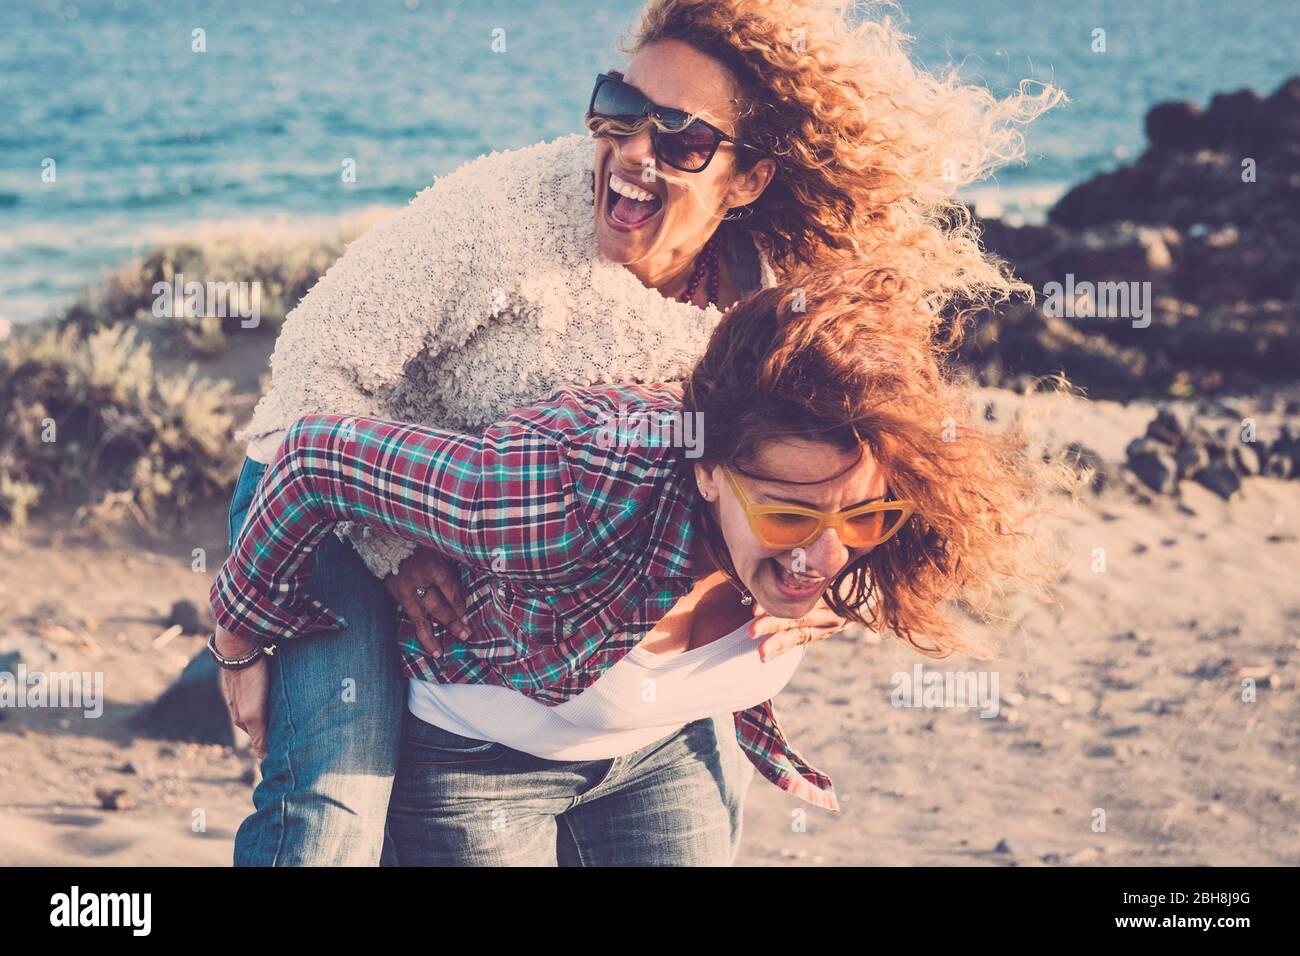 Les gens riant beaucoup et s'amuser ensemble en amitié dans l'activité de loisirs en plein air - couple de femmes sont allés folle portant l'eachOther sur l'épaule - pas de limite d'âge pour être joueur et heureux Banque D'Images